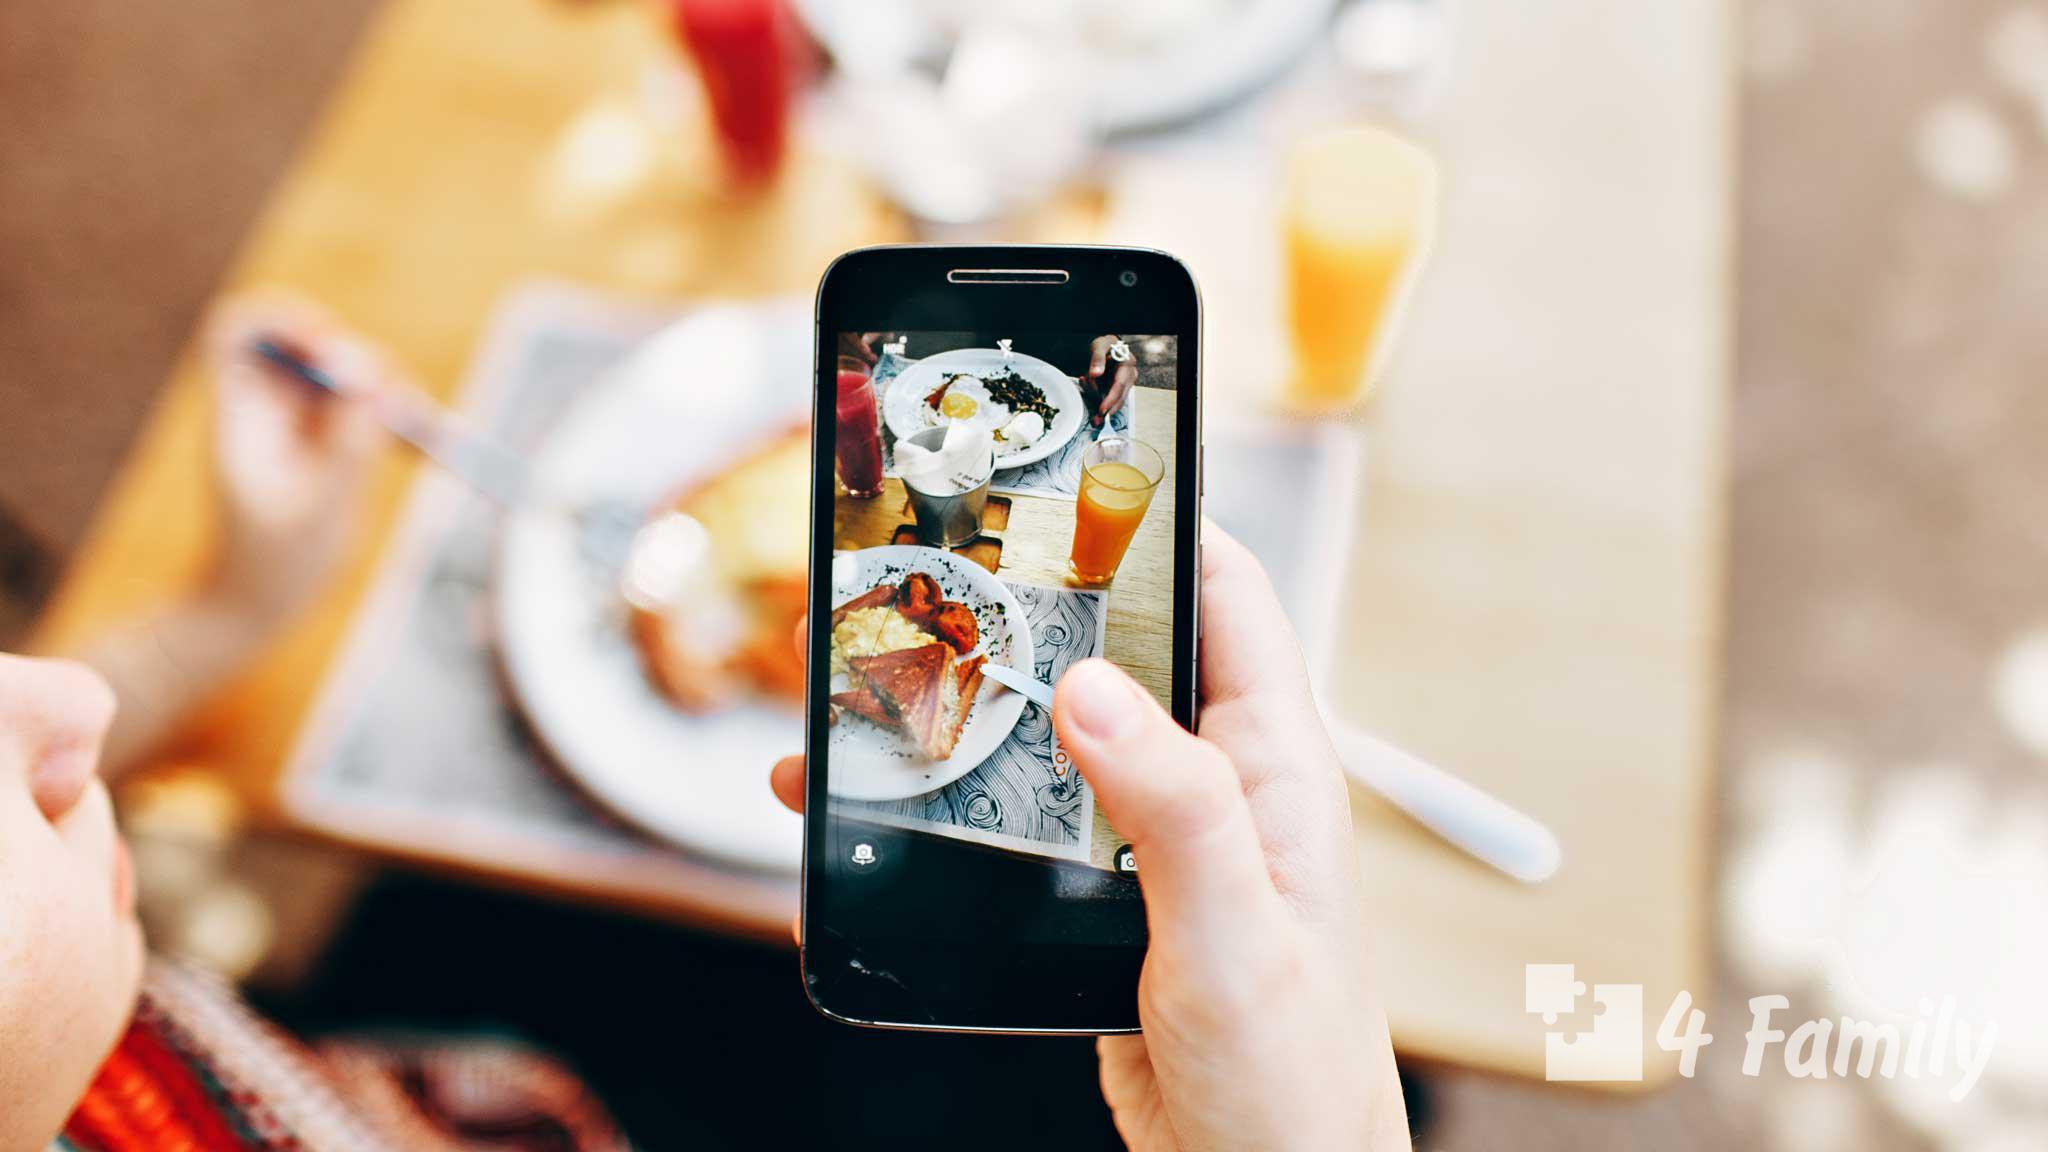 Фото. Фотографии на смартфоне, которые сделают вашу жизнь проще